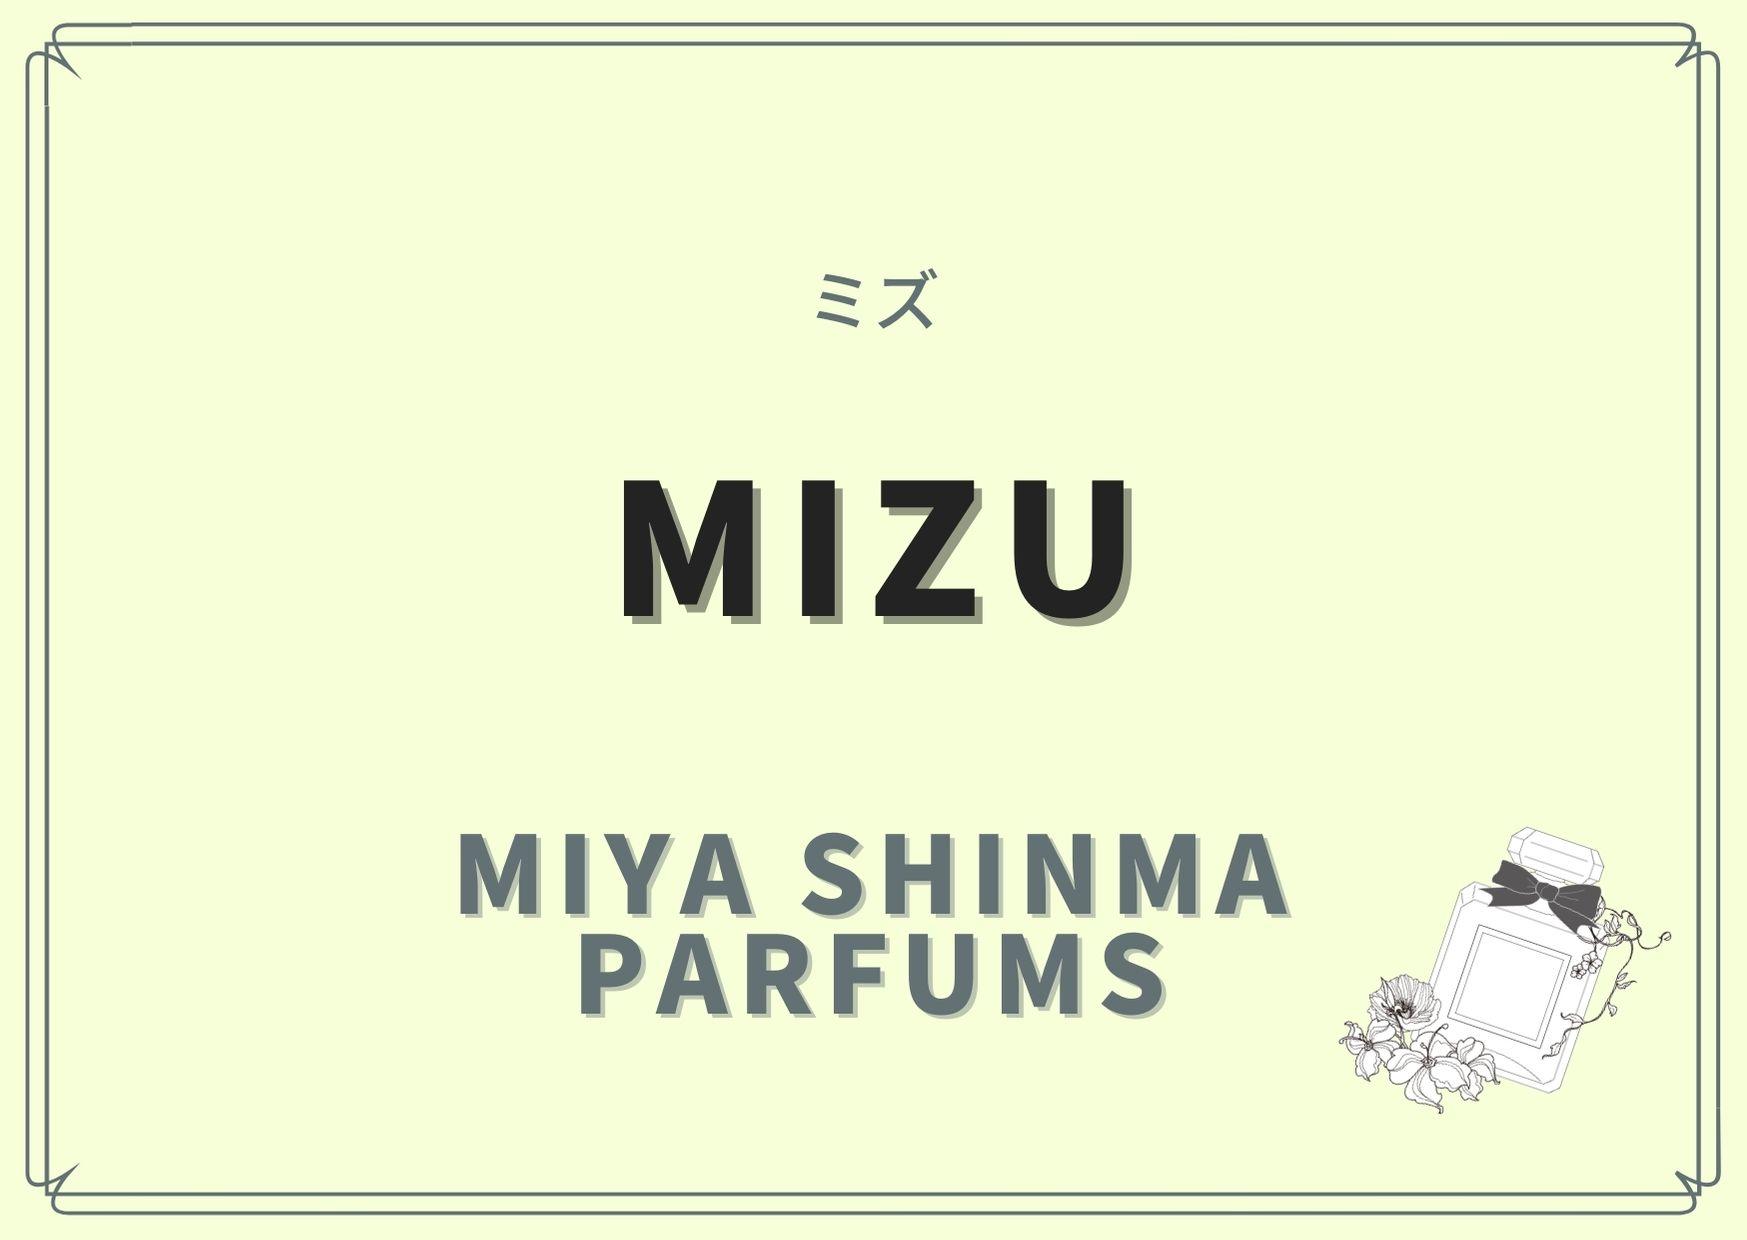 MIZU(ミズ)/Miya Shinma parfums (ミヤ シンマ パルファン)